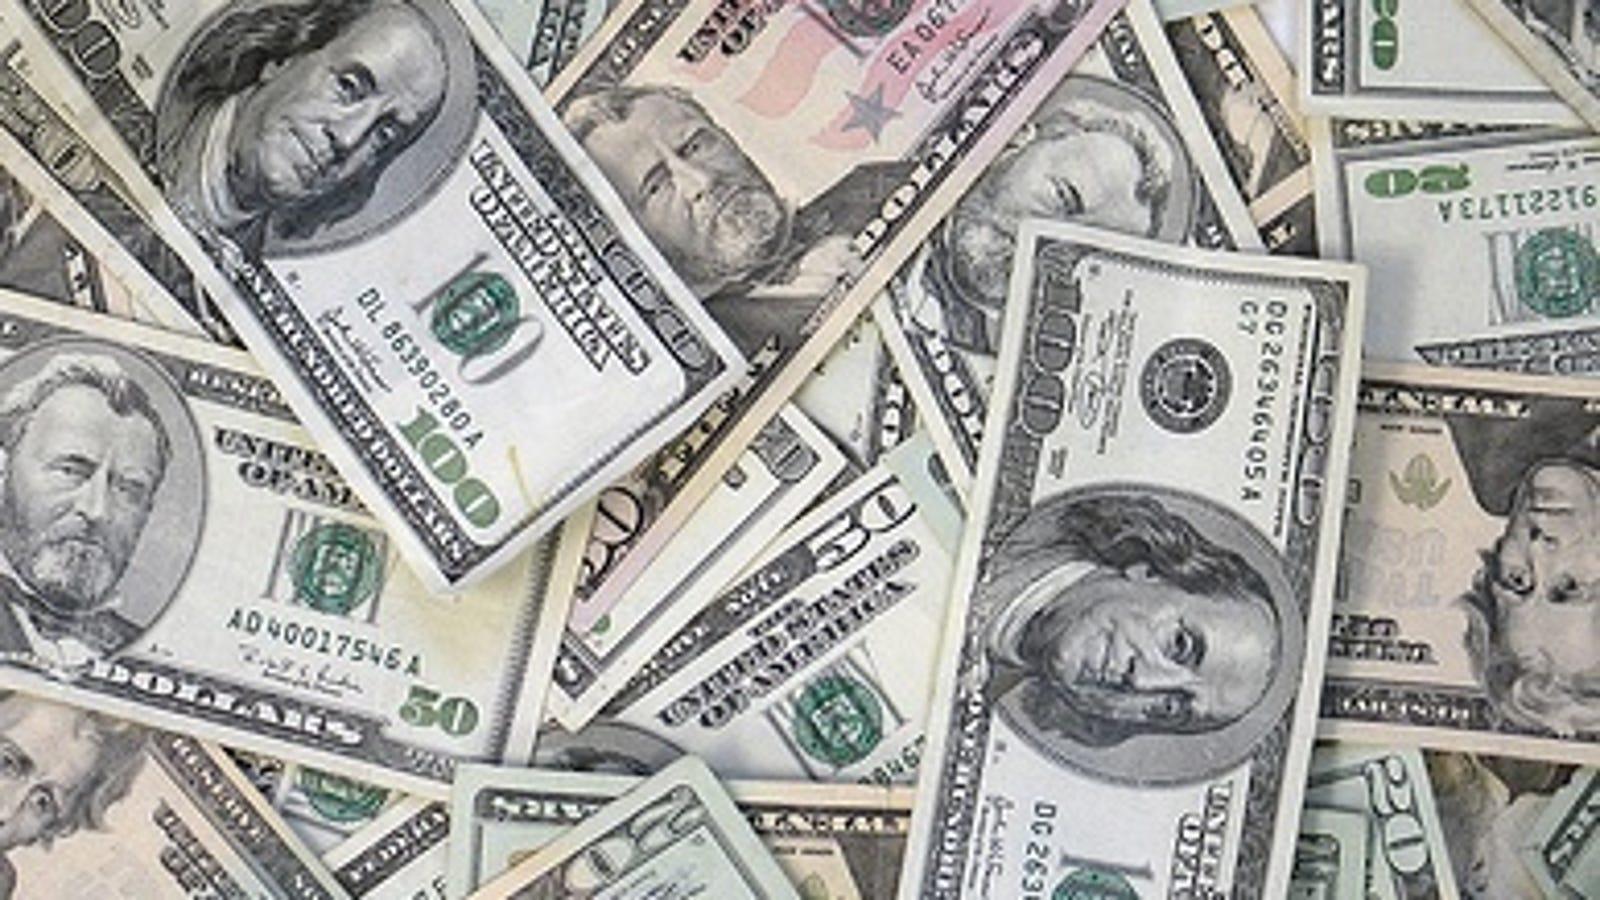 The Cash